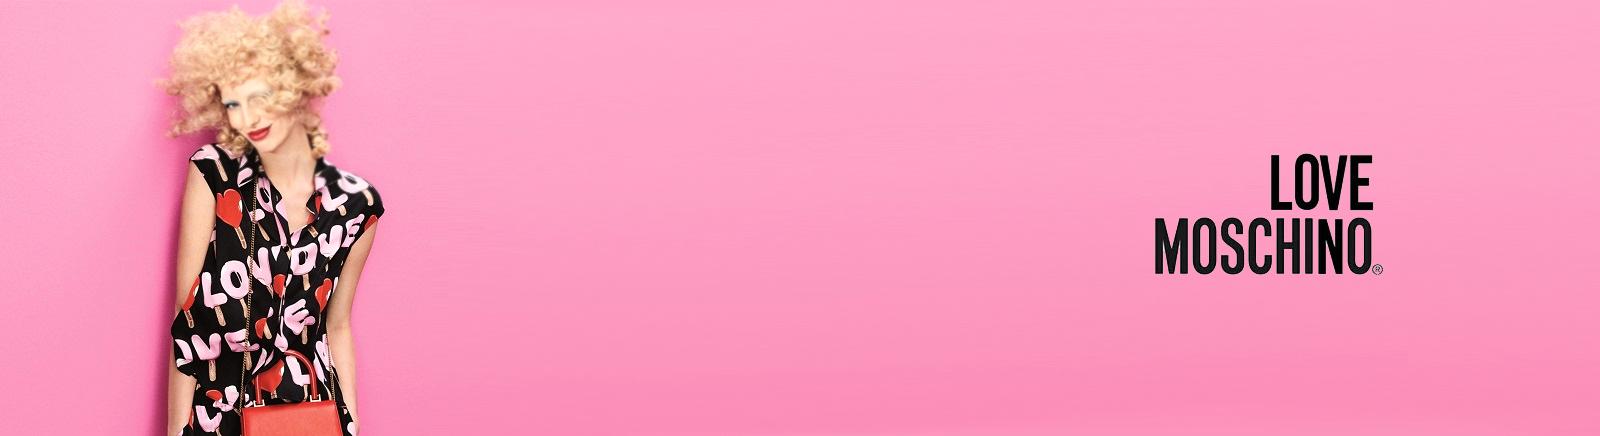 Love Moschino Markenschuhe online kaufen im Shop von GISY